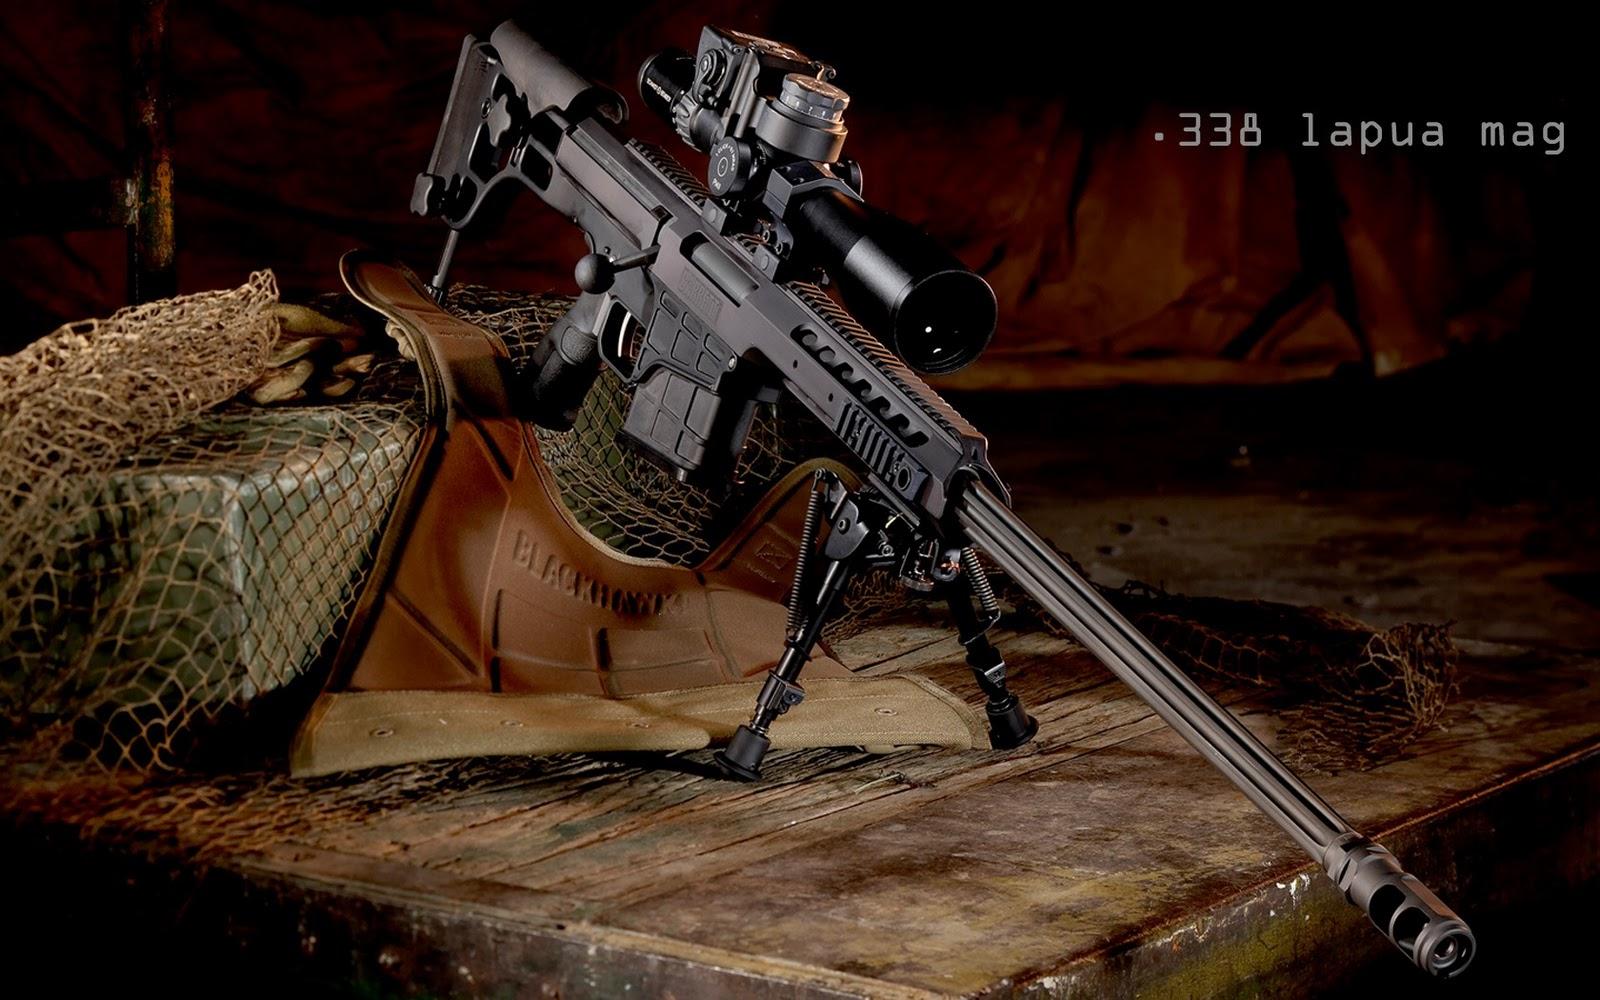 Barett 98B Lapua HD Sniper Wallpapers Military WallBase 1600x1000